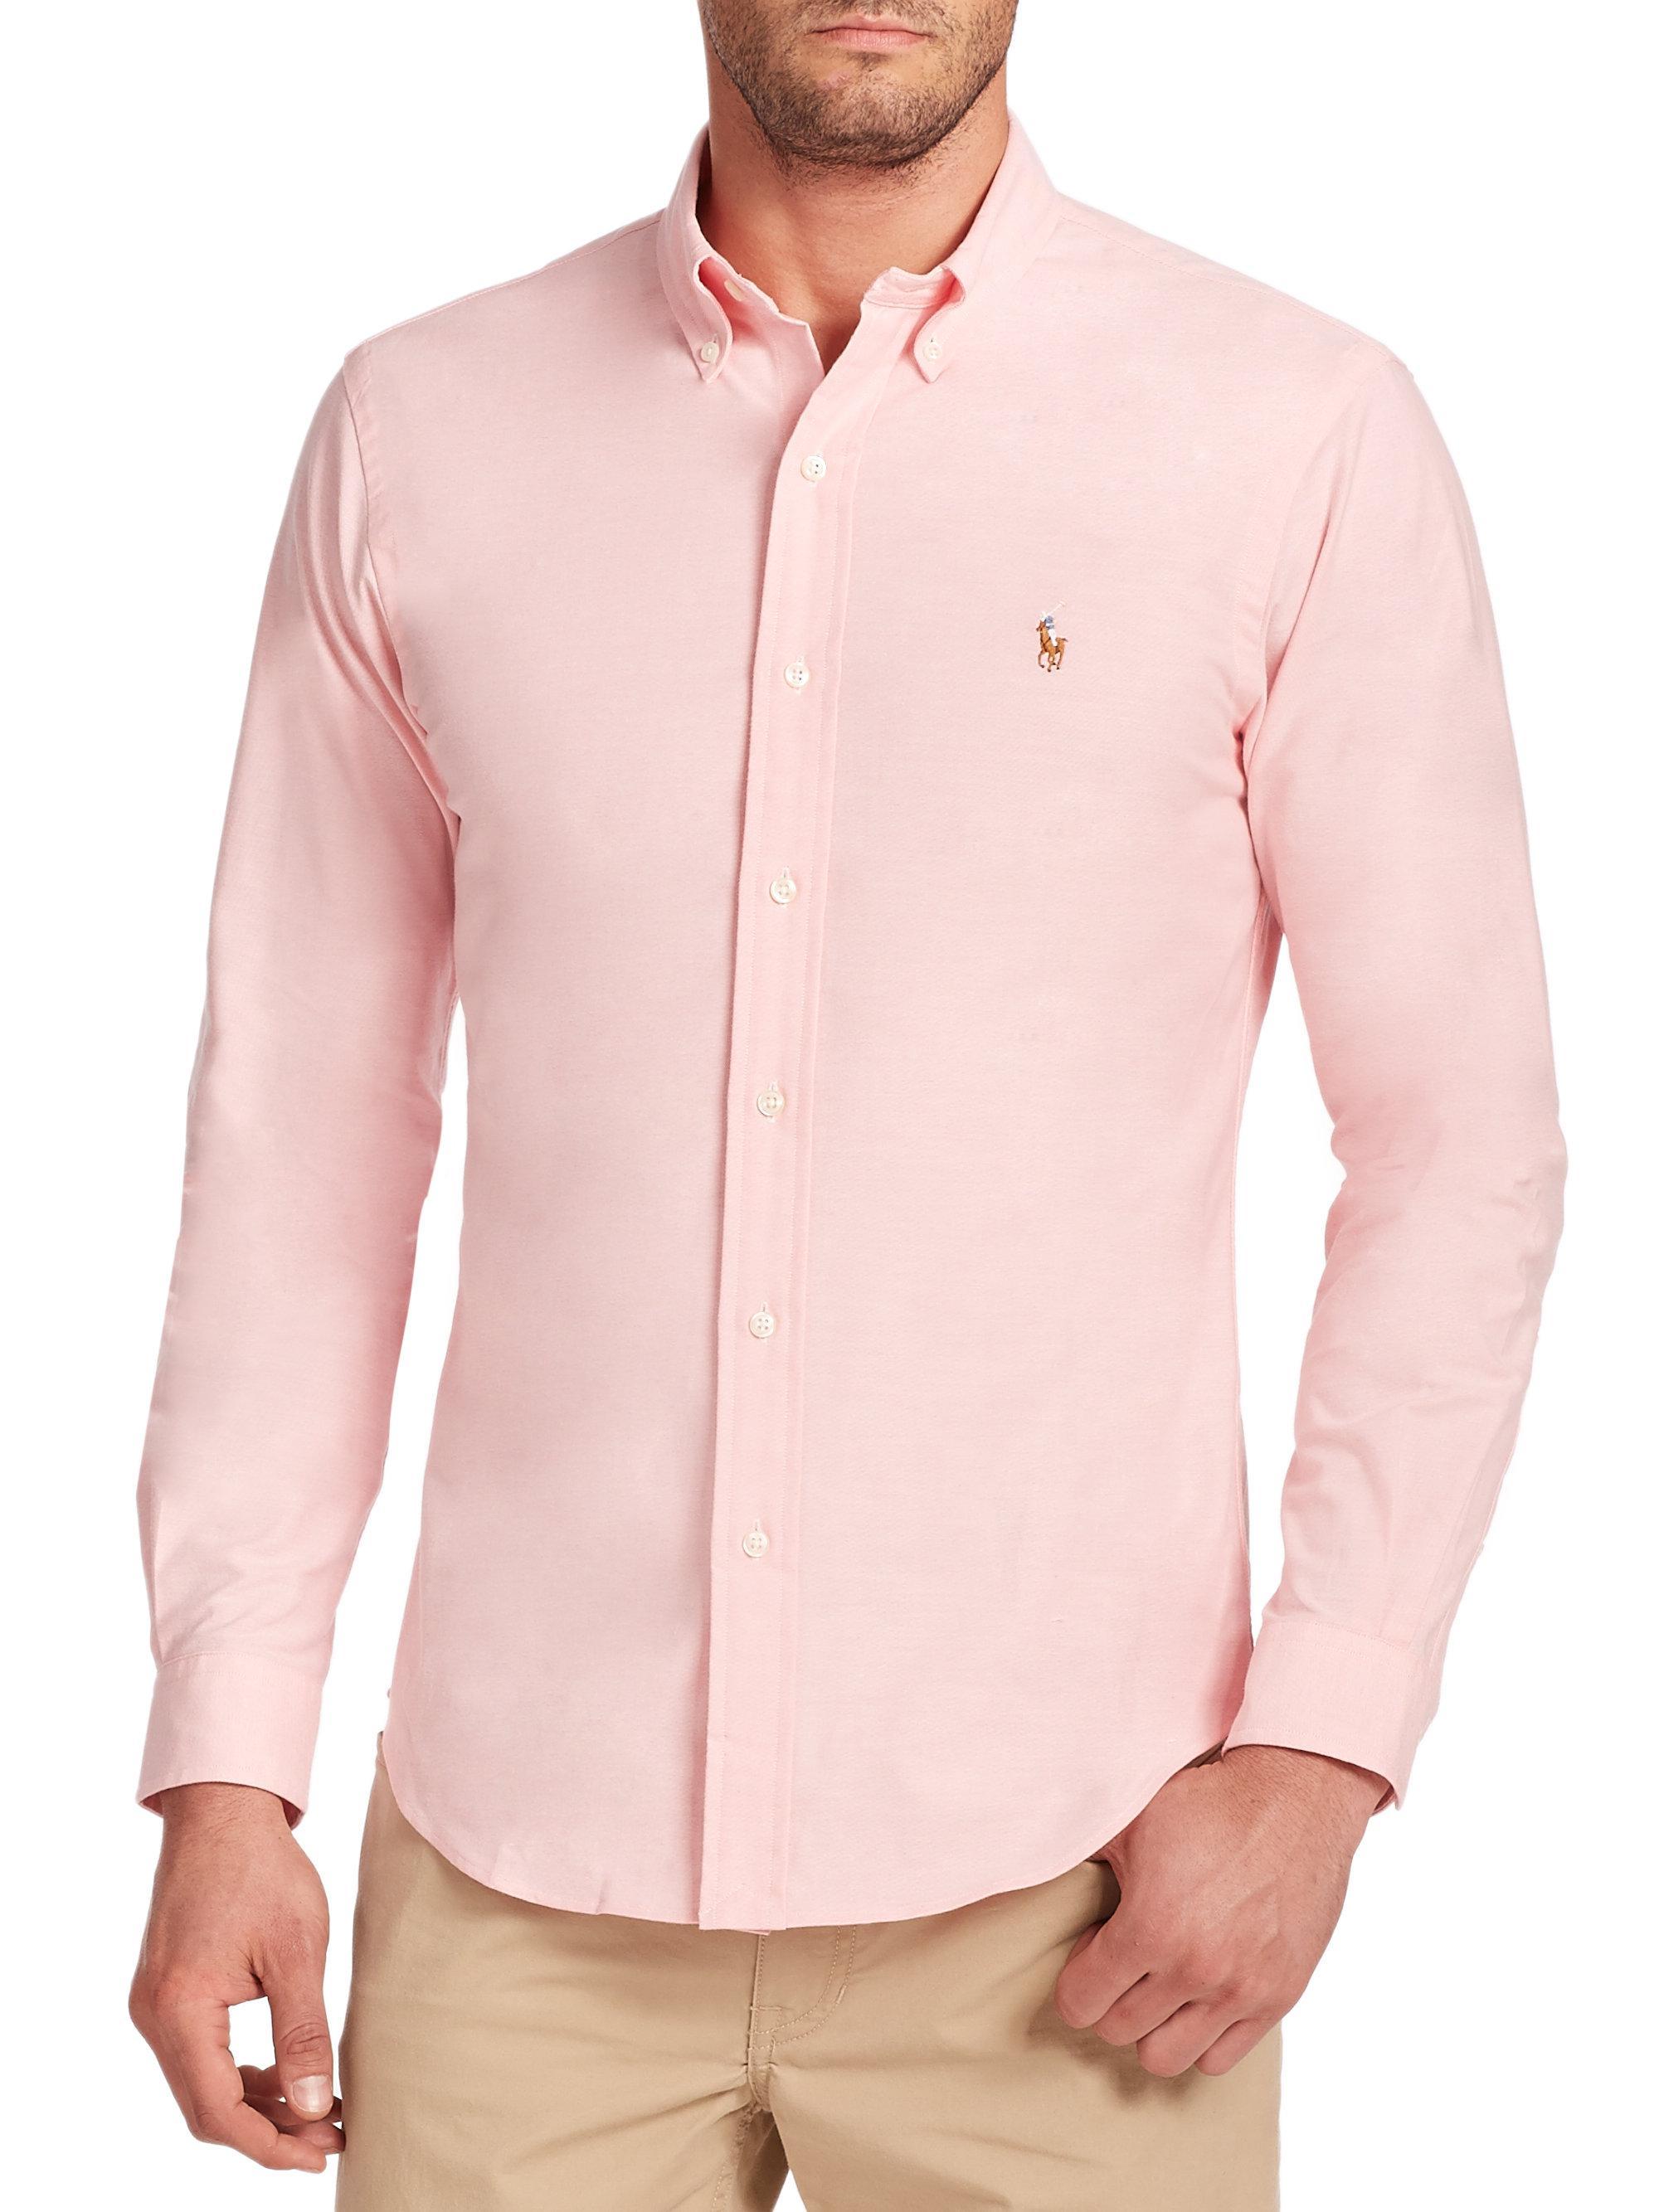 Discount Code For Light Pink Ralph Lauren Polo Shirt 2895a 4dec2